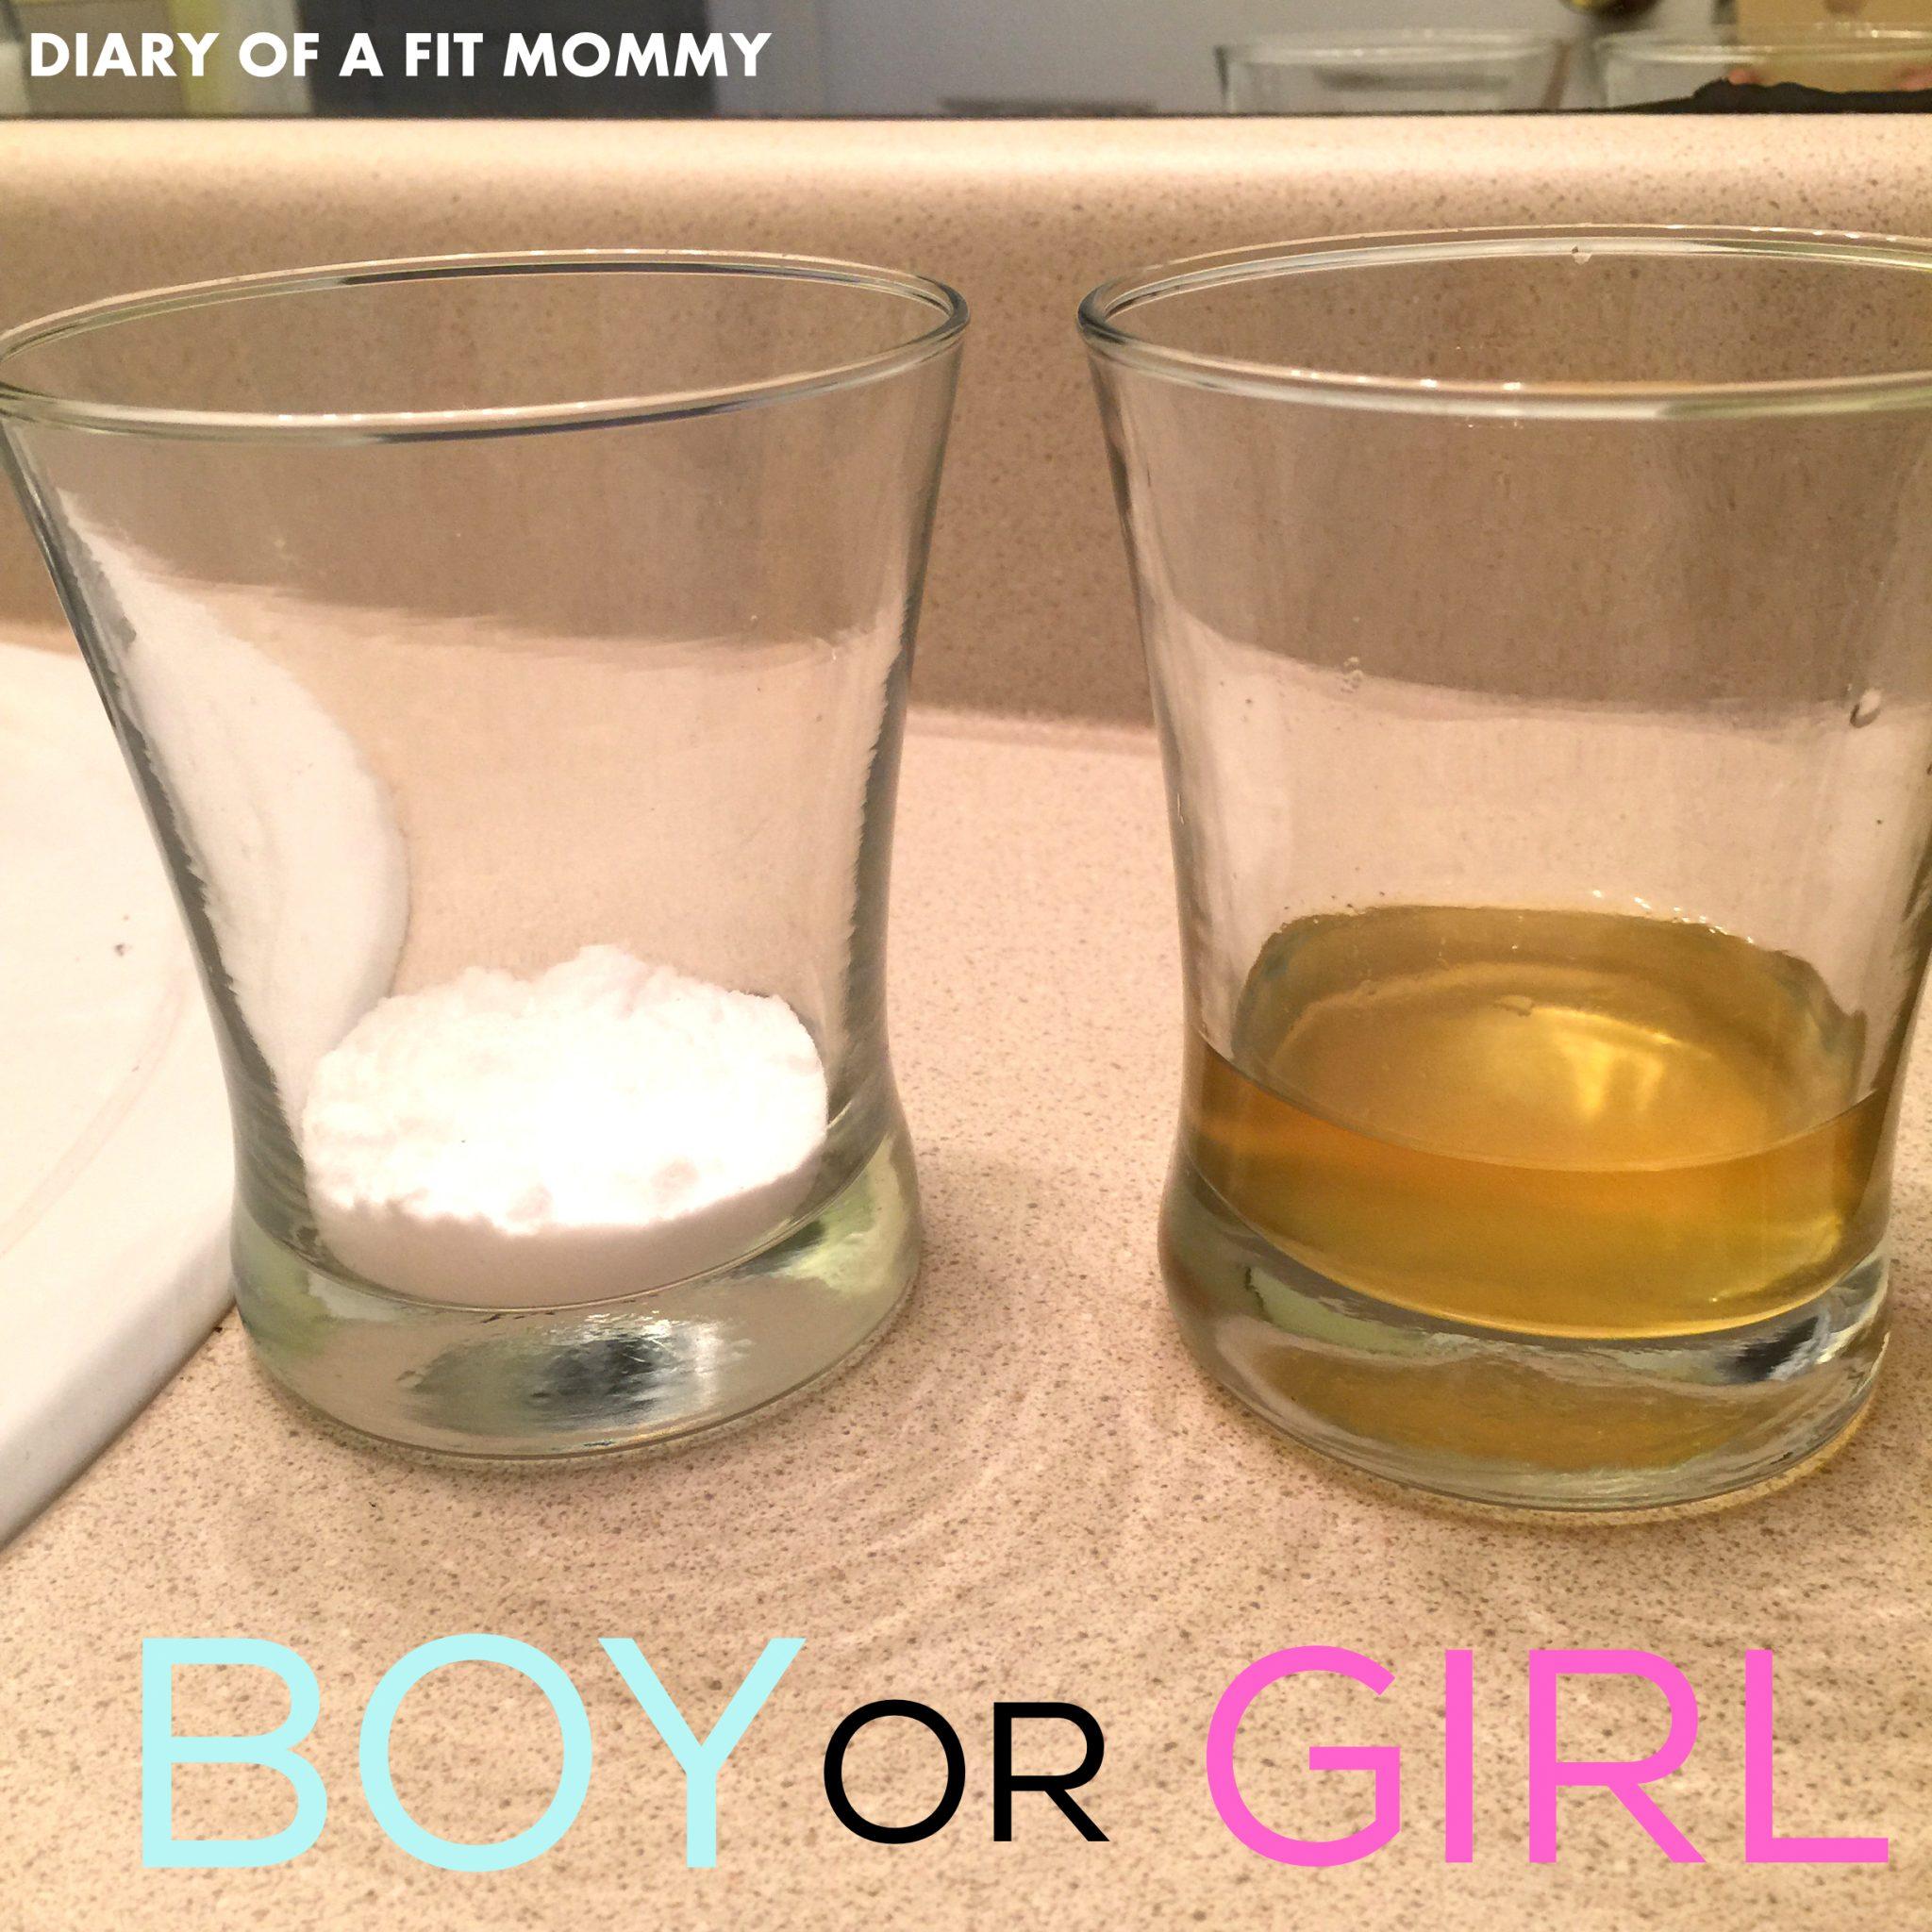 Fullsize Of Gender Prediction Test